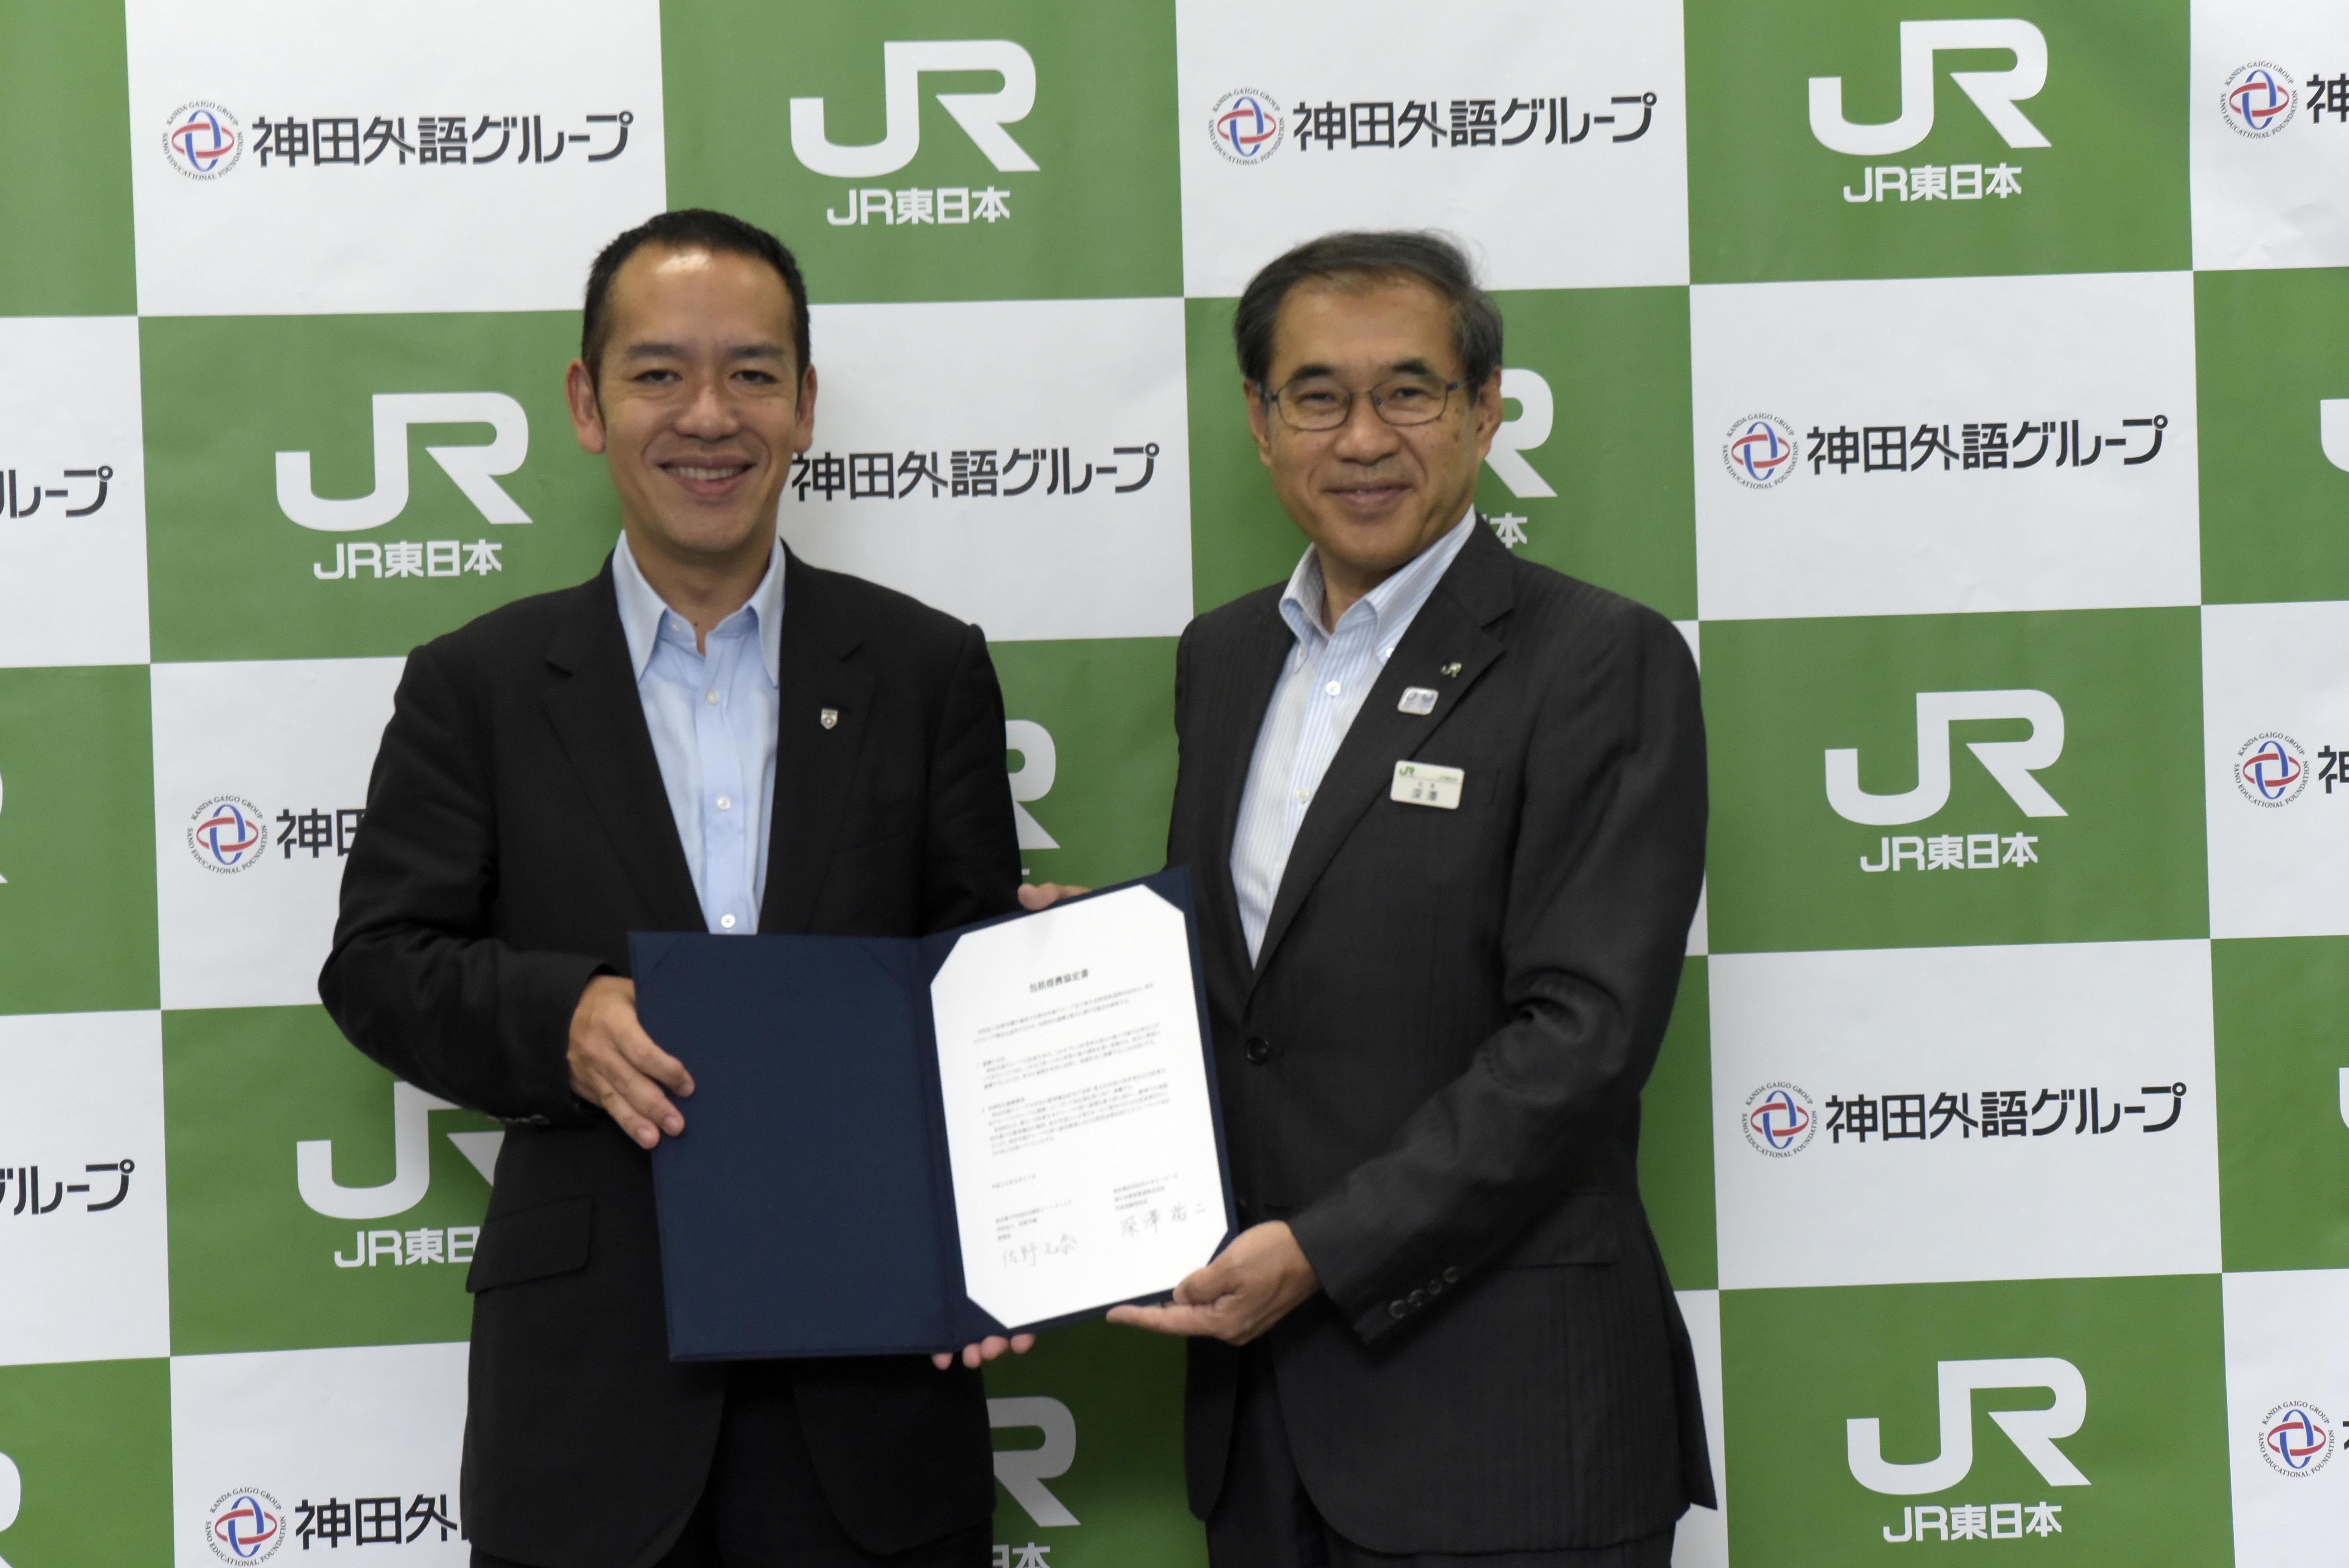 神田外語グループとJR東日本は包括的連携に関する協定を締結